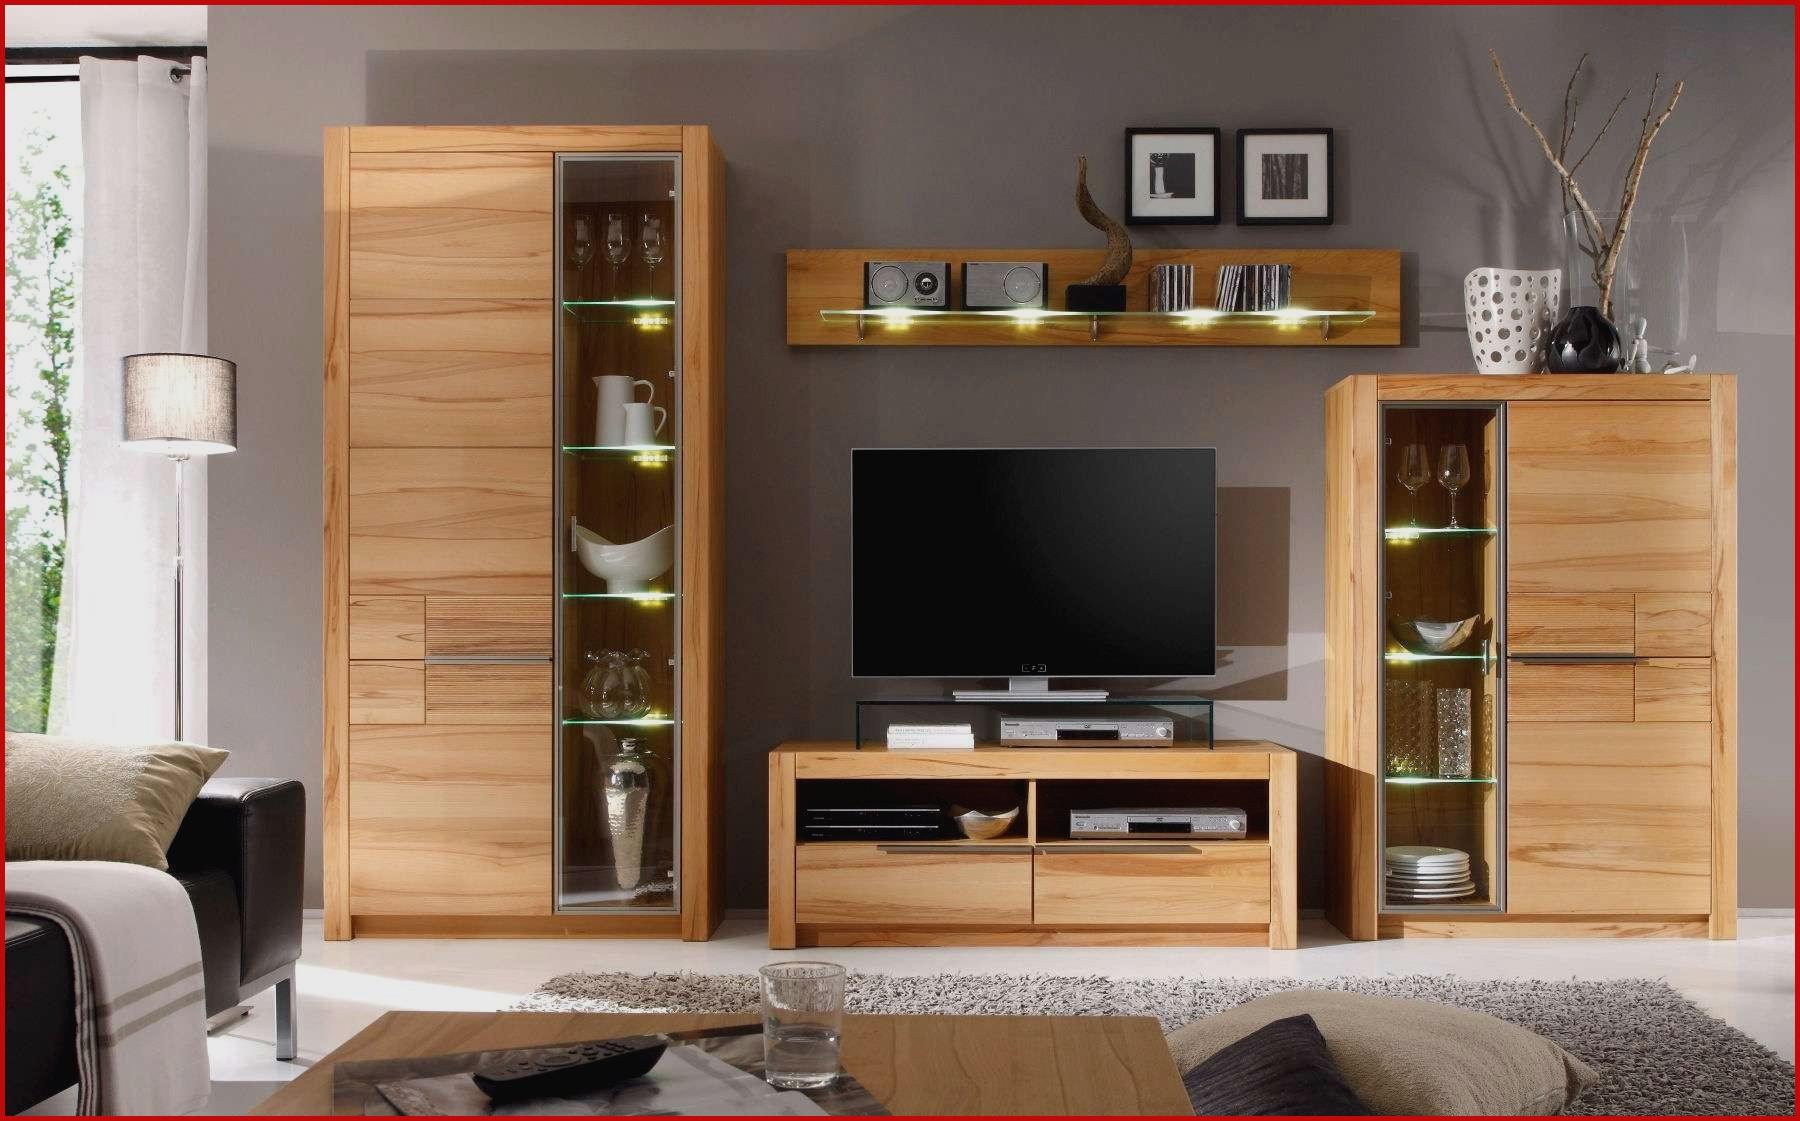 Full Size of Relaxliege Wohnzimmer Ikea Wohnwnde Bei Neu Staubsauger Besenschrank Deko Vinylboden Deckenlampen Für Kamin Decke Sessel Deckenlampe Vorhang Deckenleuchte Wohnzimmer Relaxliege Wohnzimmer Ikea